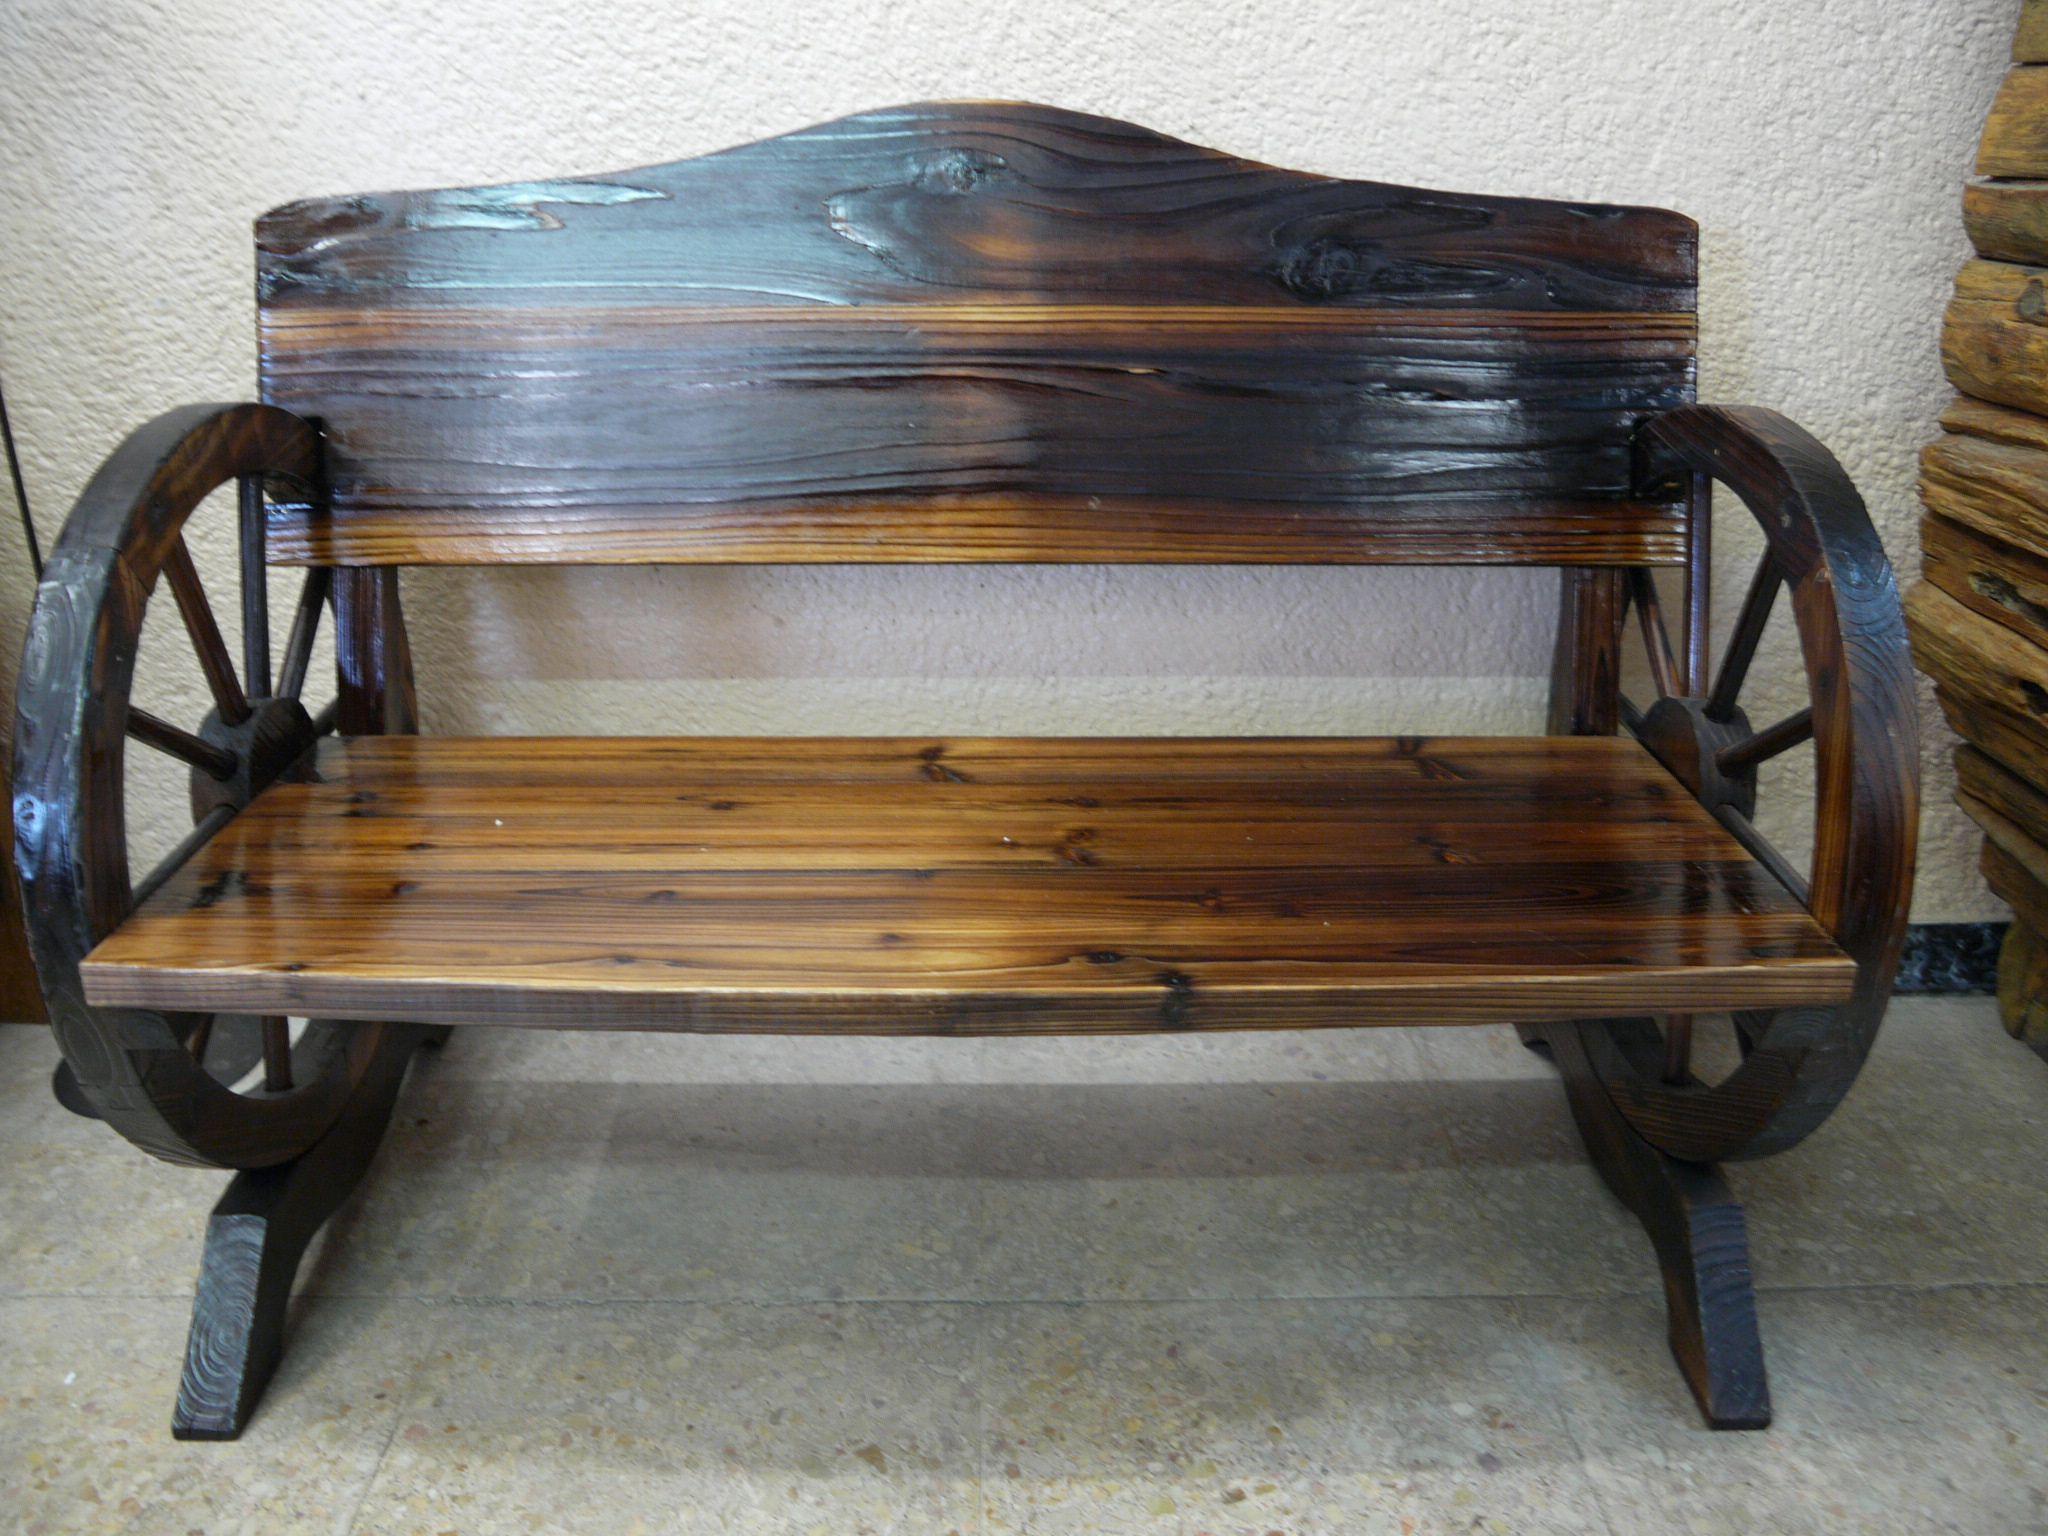 Banco rustico madera home pinterest bancos rusticas - Bancos de madera rusticos ...